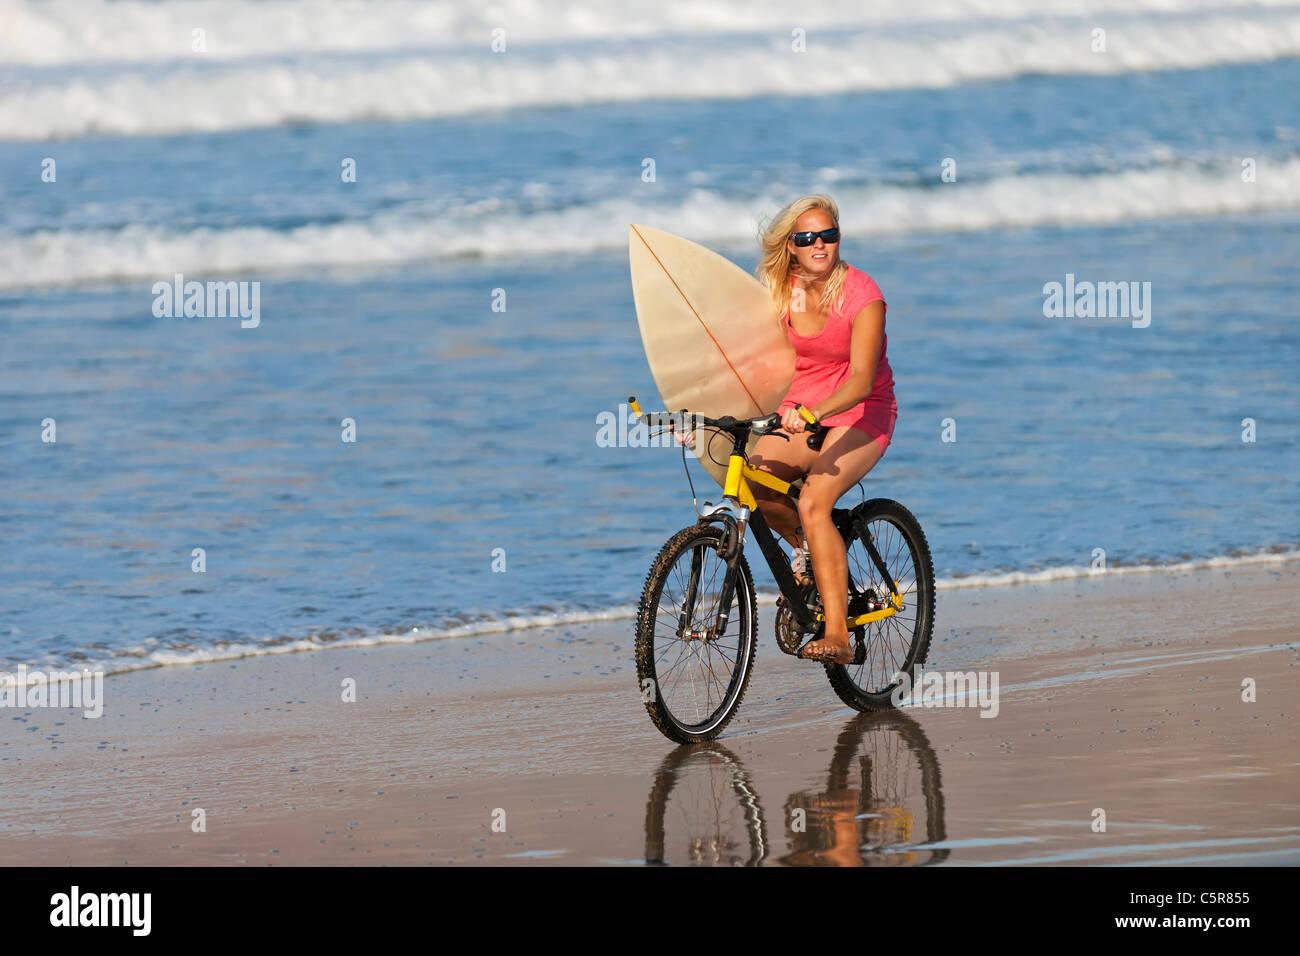 Un surfista montando una bicicleta de montaña con el mar. Foto de stock